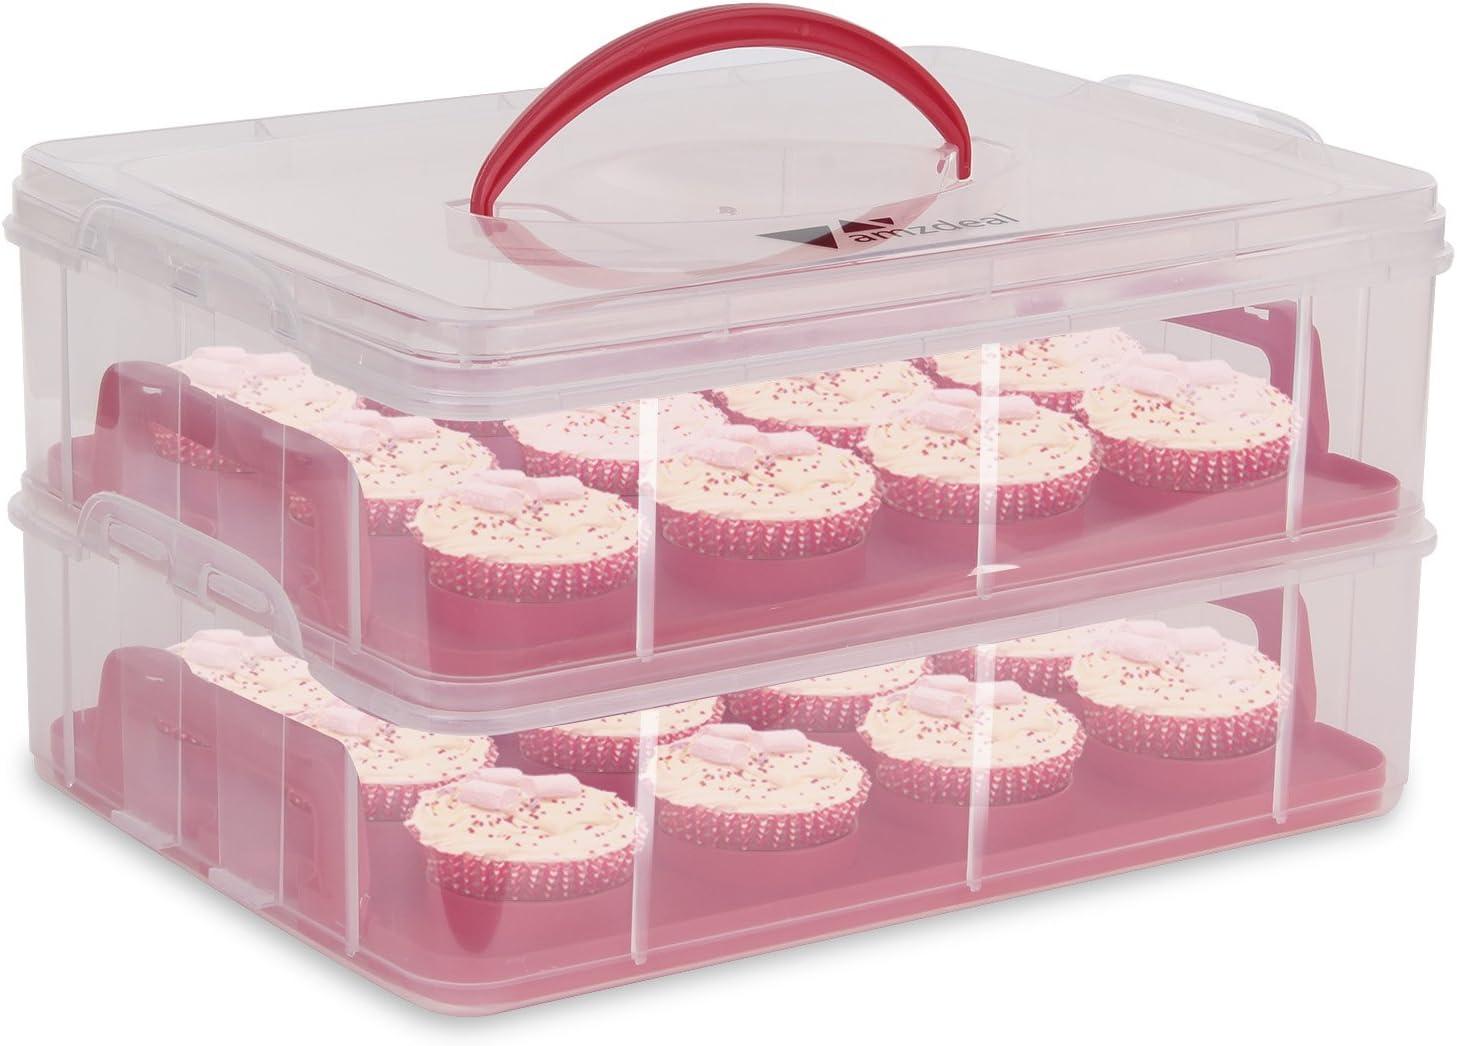 Amzdeal Caja para Tarta Plástico Cupcake Carrier con 3 Capas Portacupcakes para Transporta Cupcakes, Tarta, Latas, Molletes, Galletas para 36 Cup Cakes (rojo): Amazon.es: Hogar